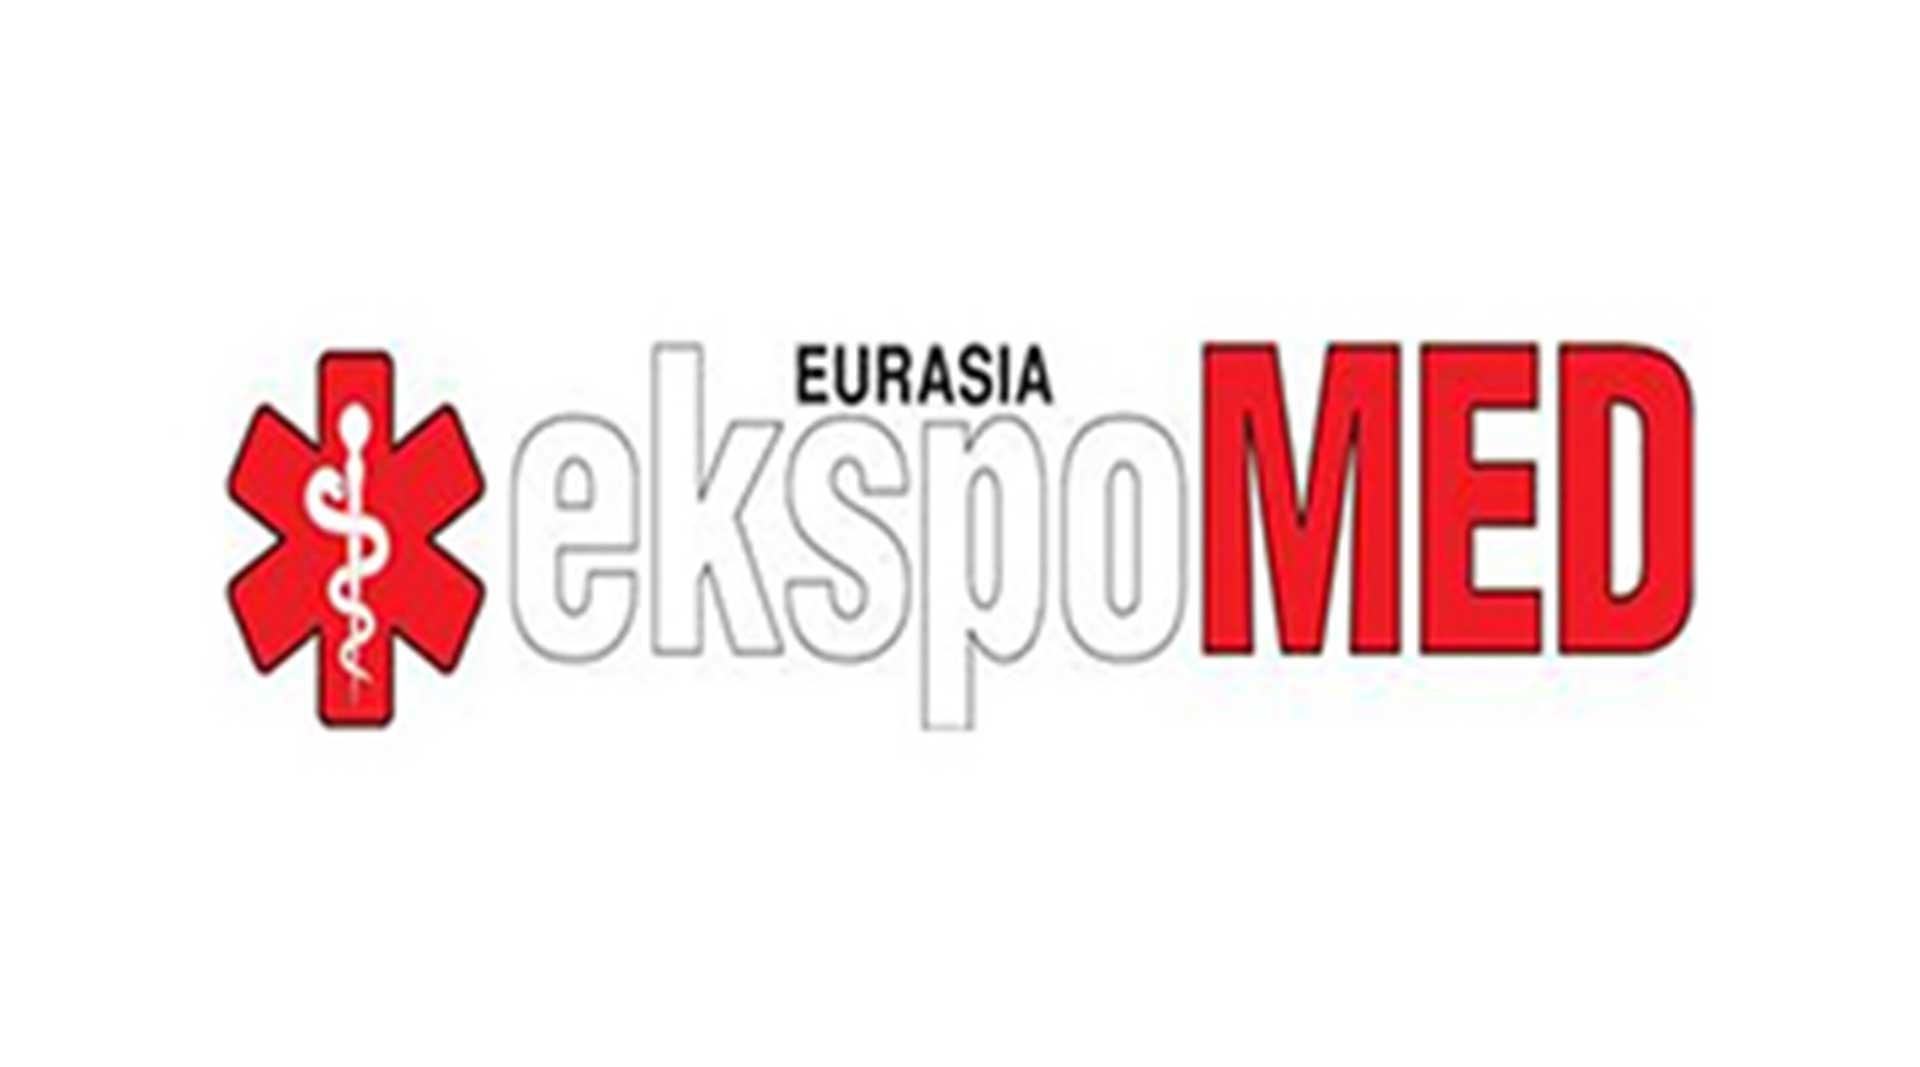 EKSPOMED-2014 Alman İkili İşbirliği Görüşmeleri...